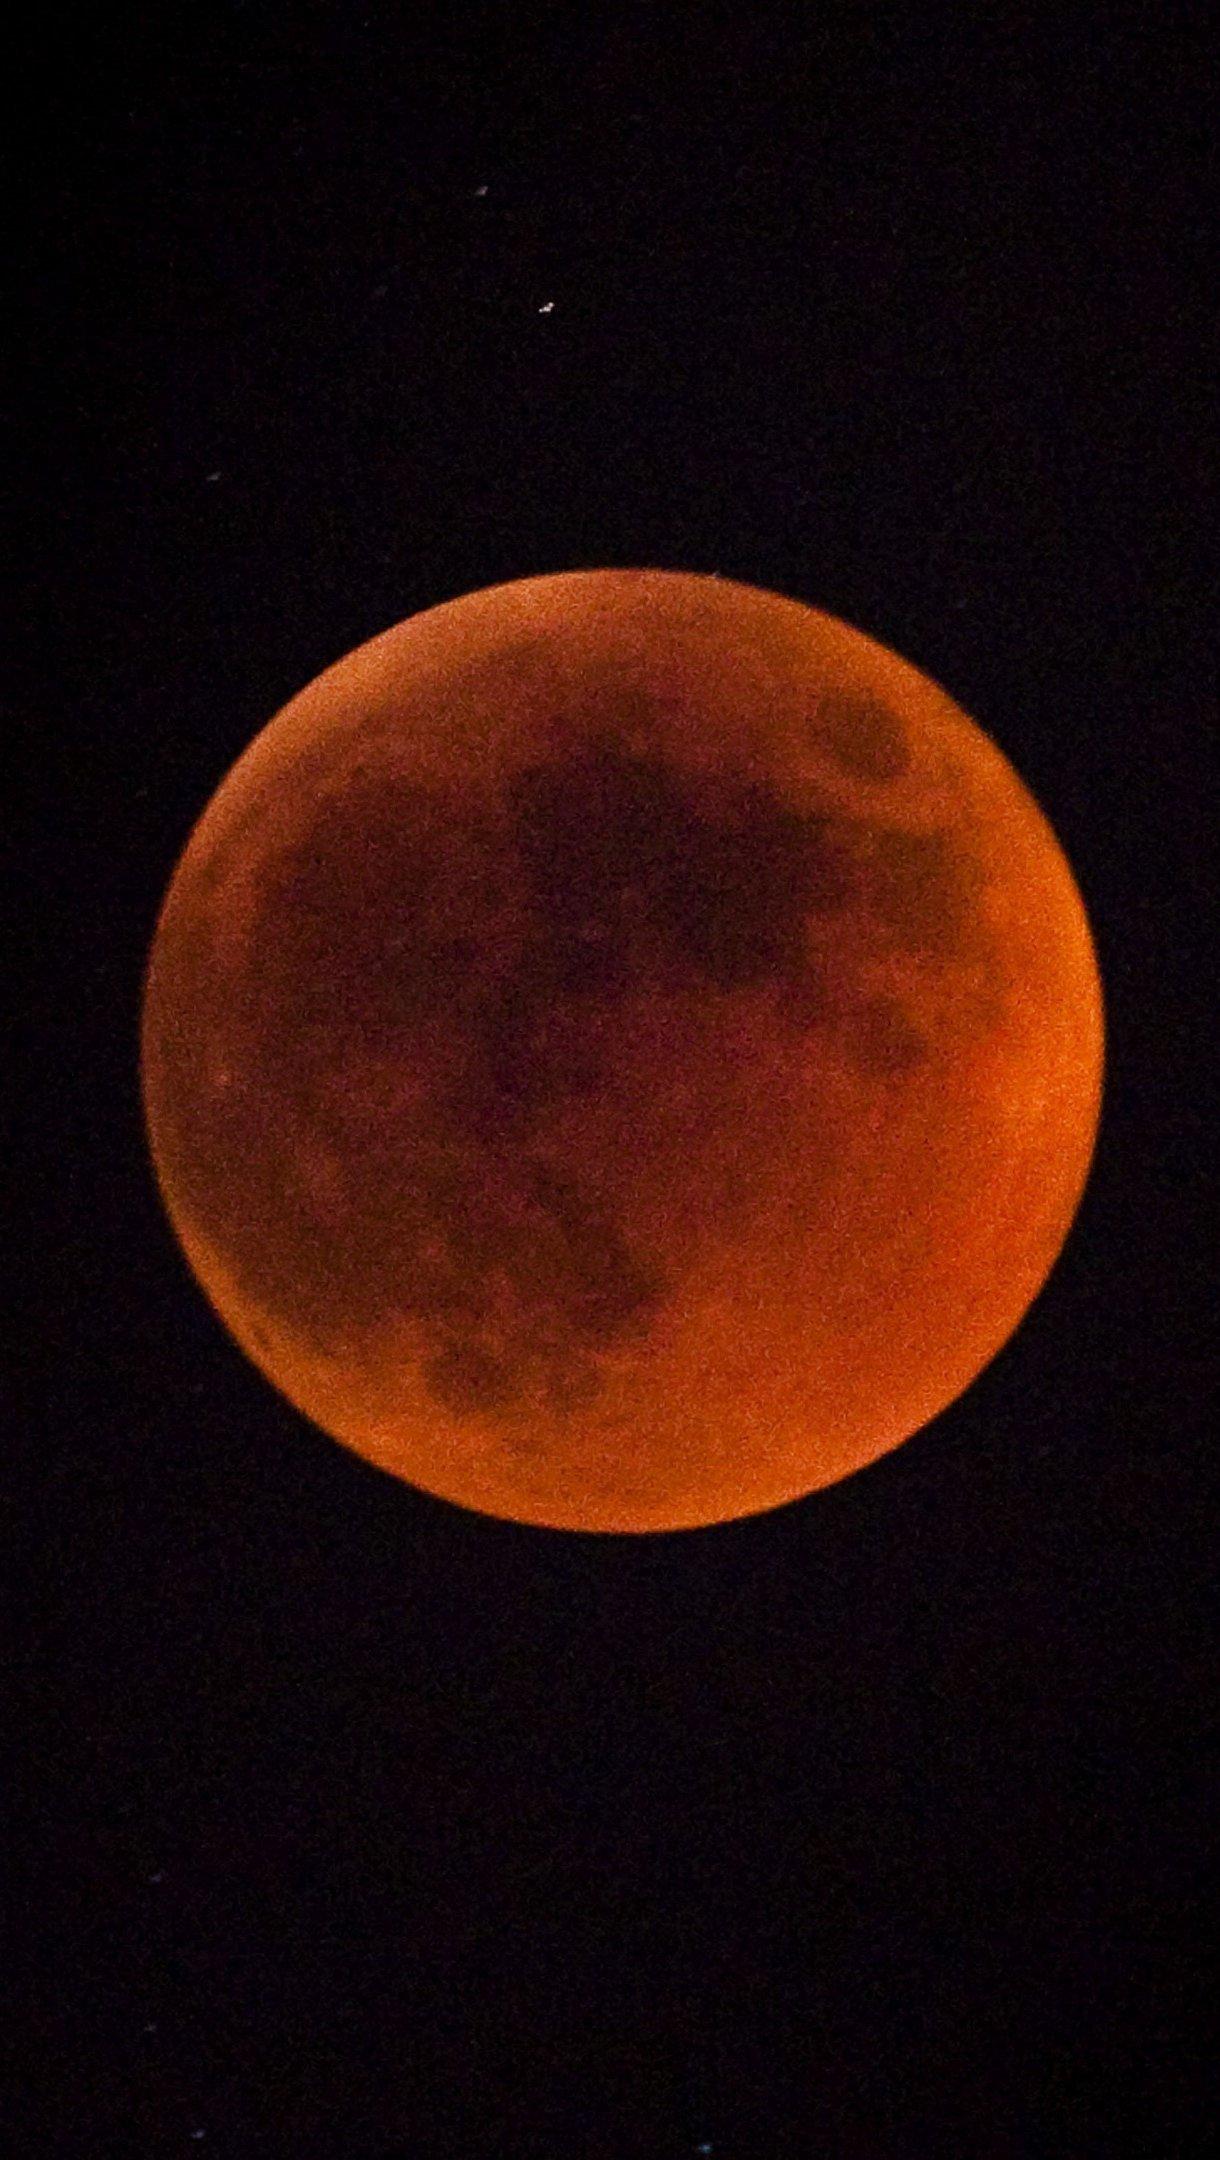 Fondos de pantalla Eclipse lunar Vertical